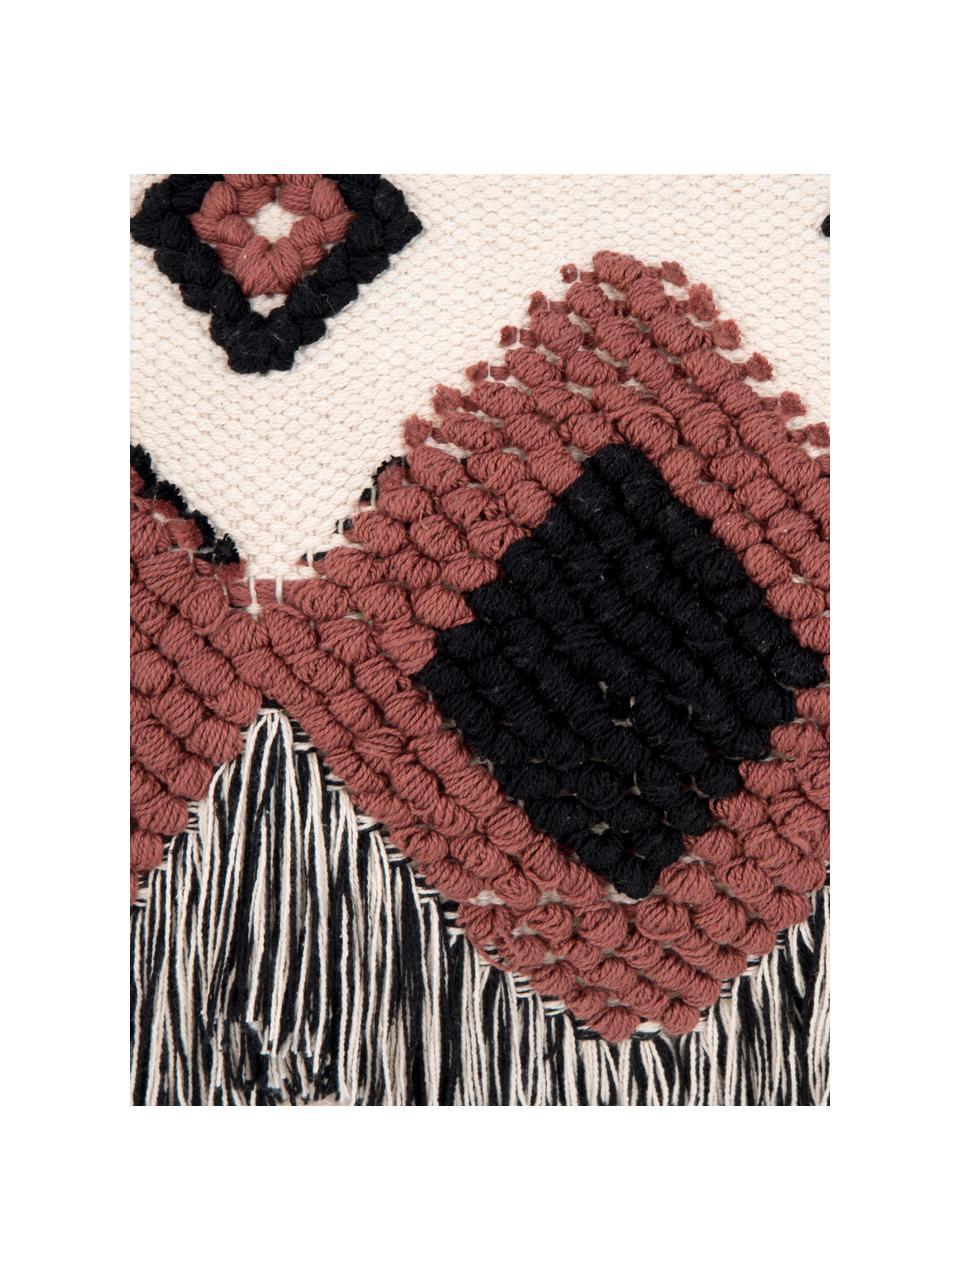 Gewebte Kissenhülle Tanea mit Fransen im Ethno Style, 100% Baumwolle, Ecru, Schwarz, Rostrot, 40 x 60 cm